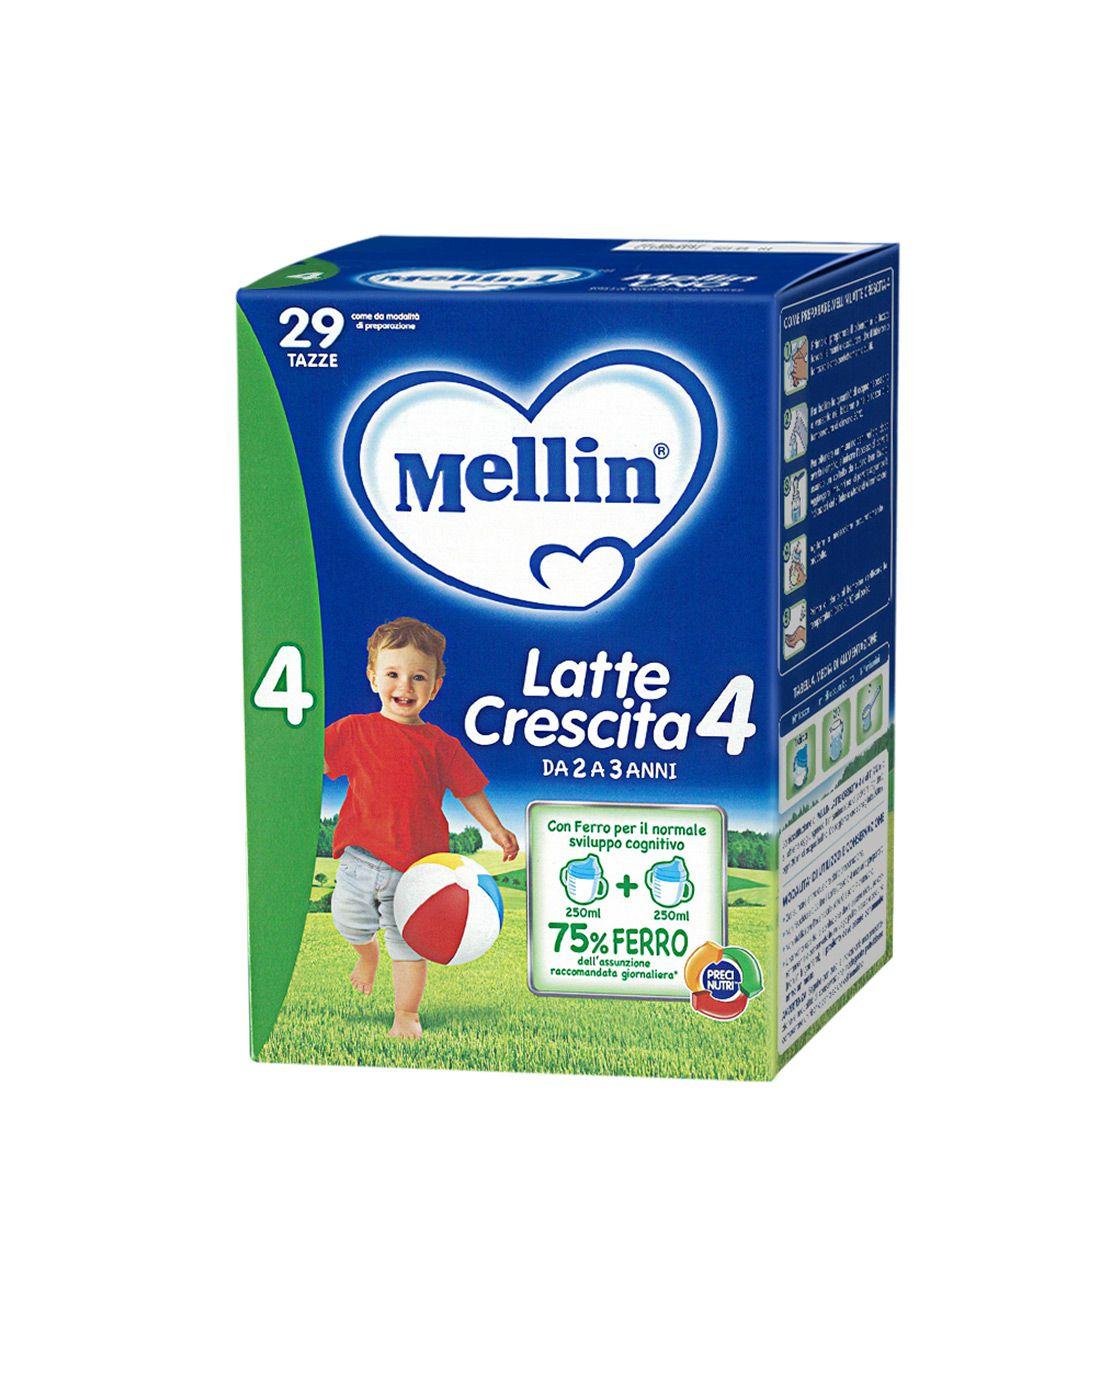 意大利美林mellin婴儿奶粉4段 800g图片